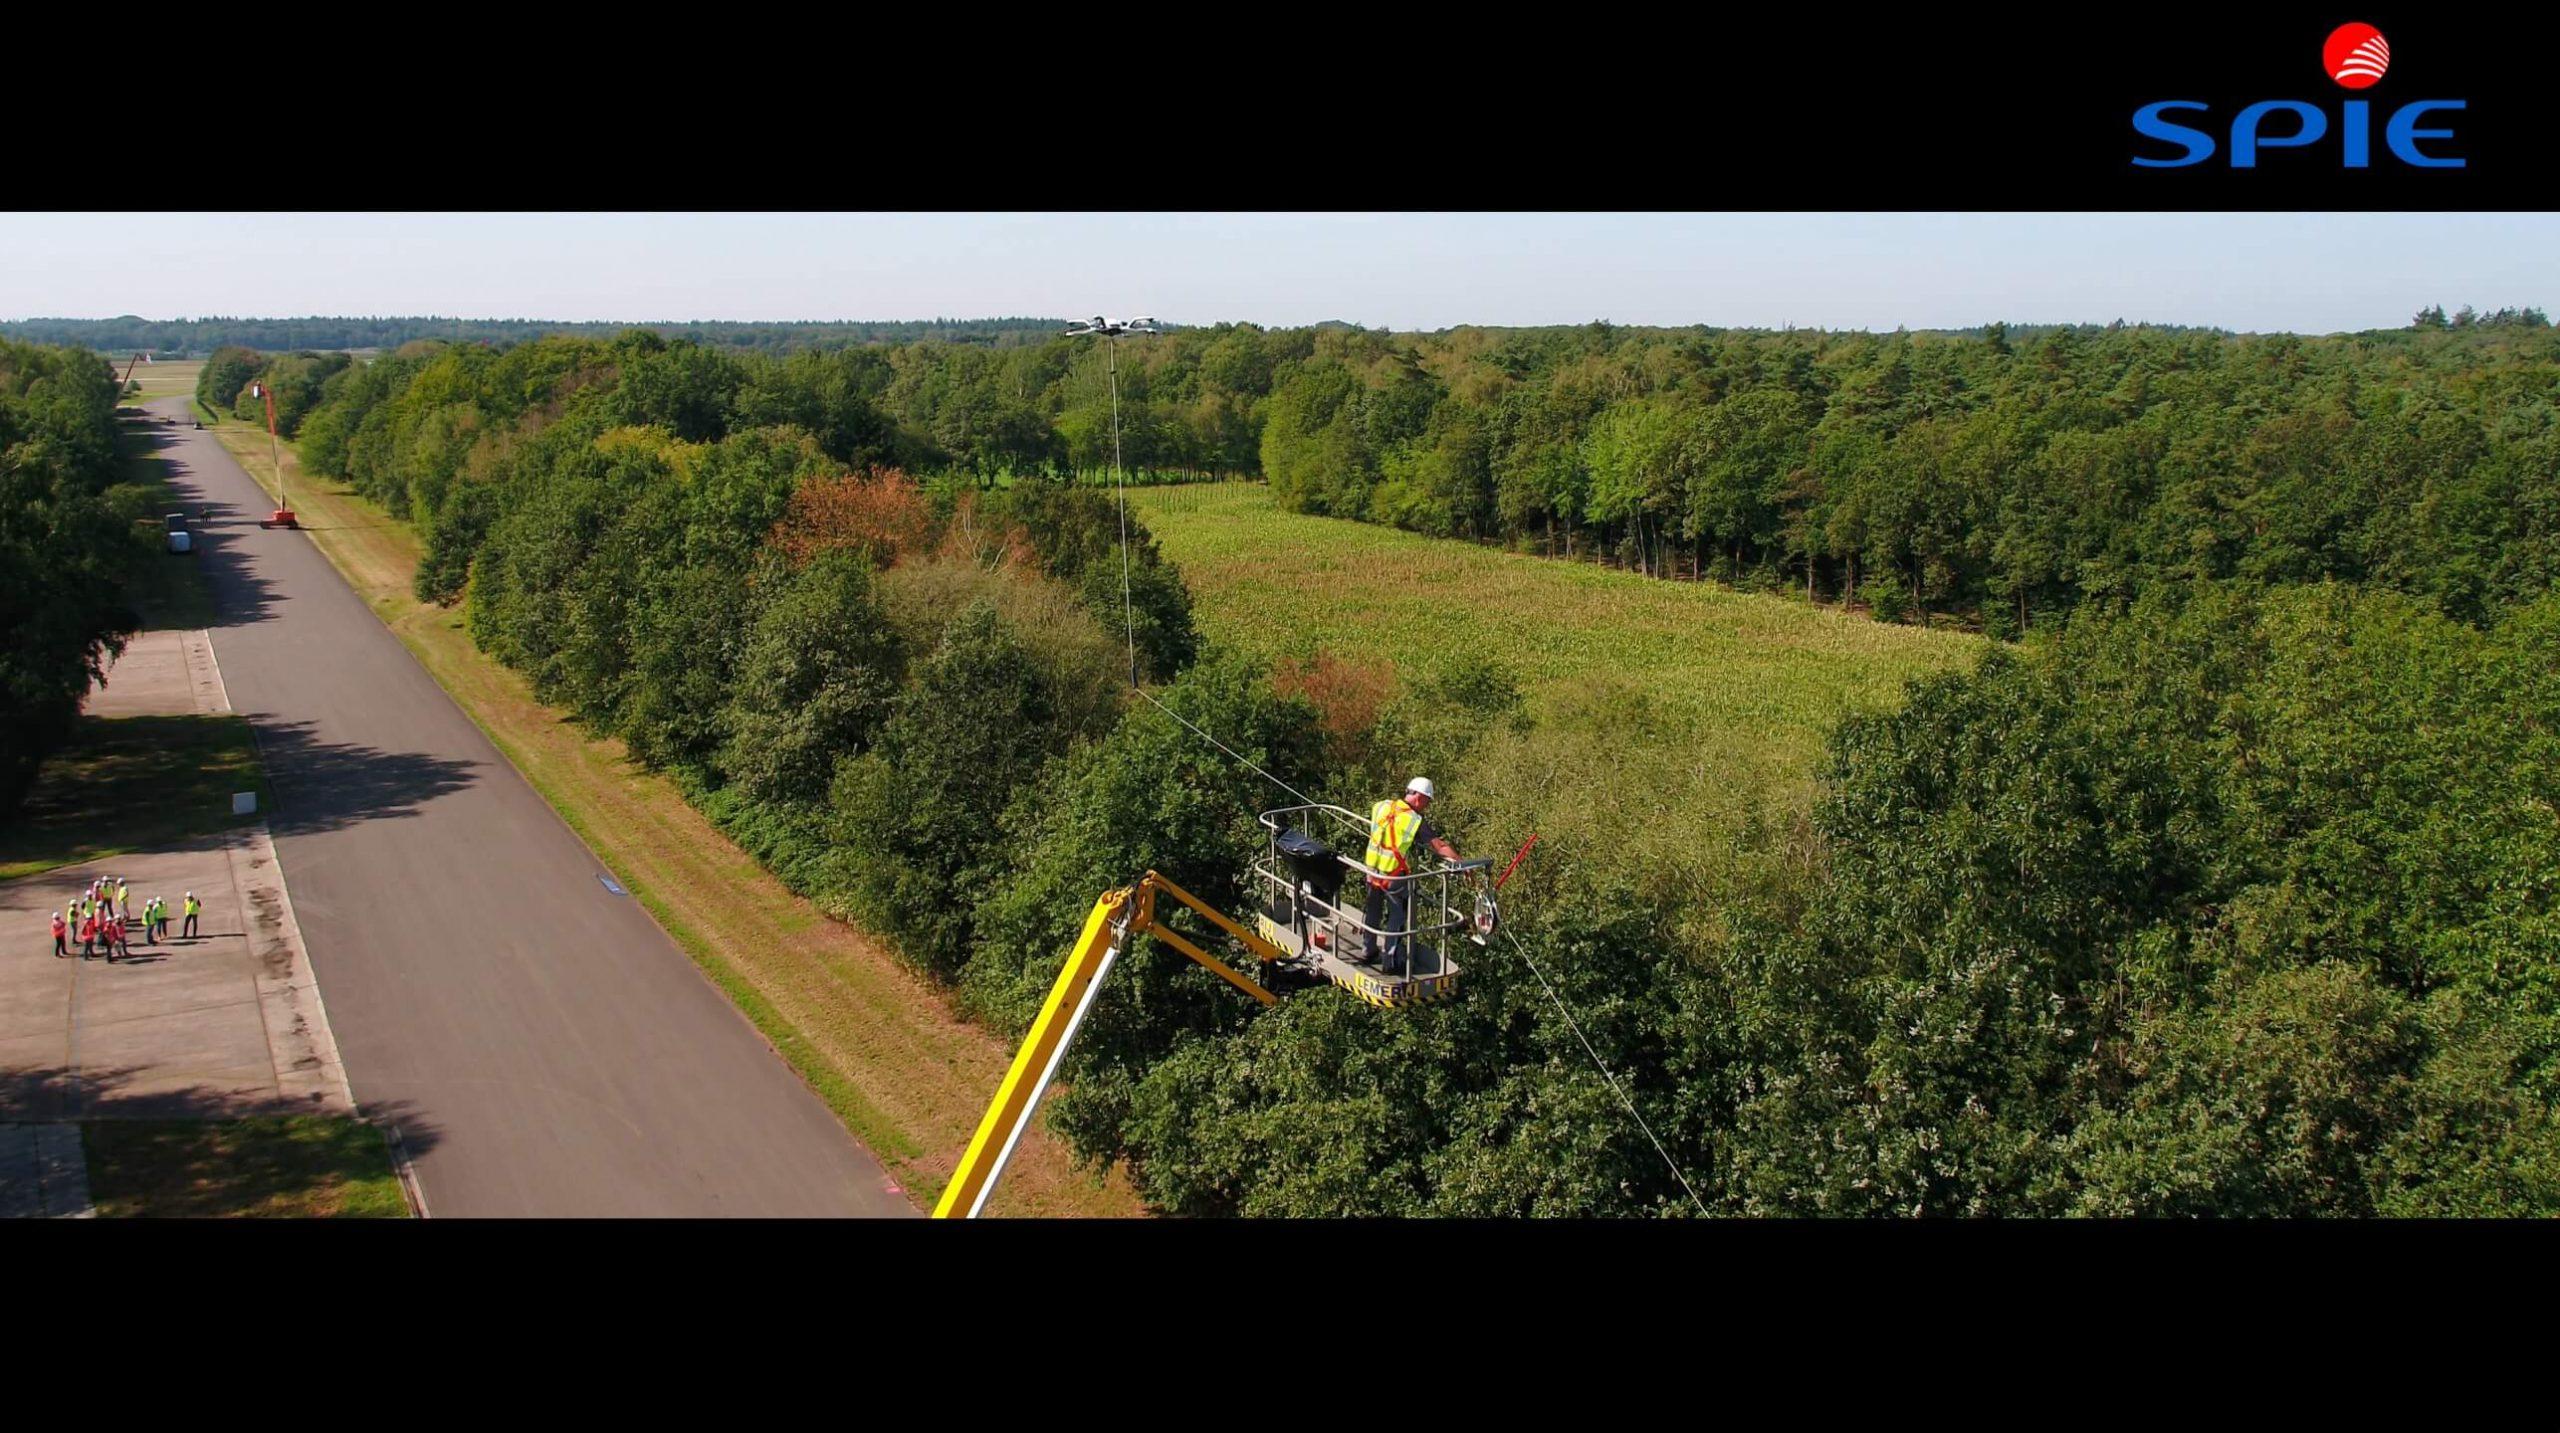 Spie Drone Luchtvideo IJsseldrone